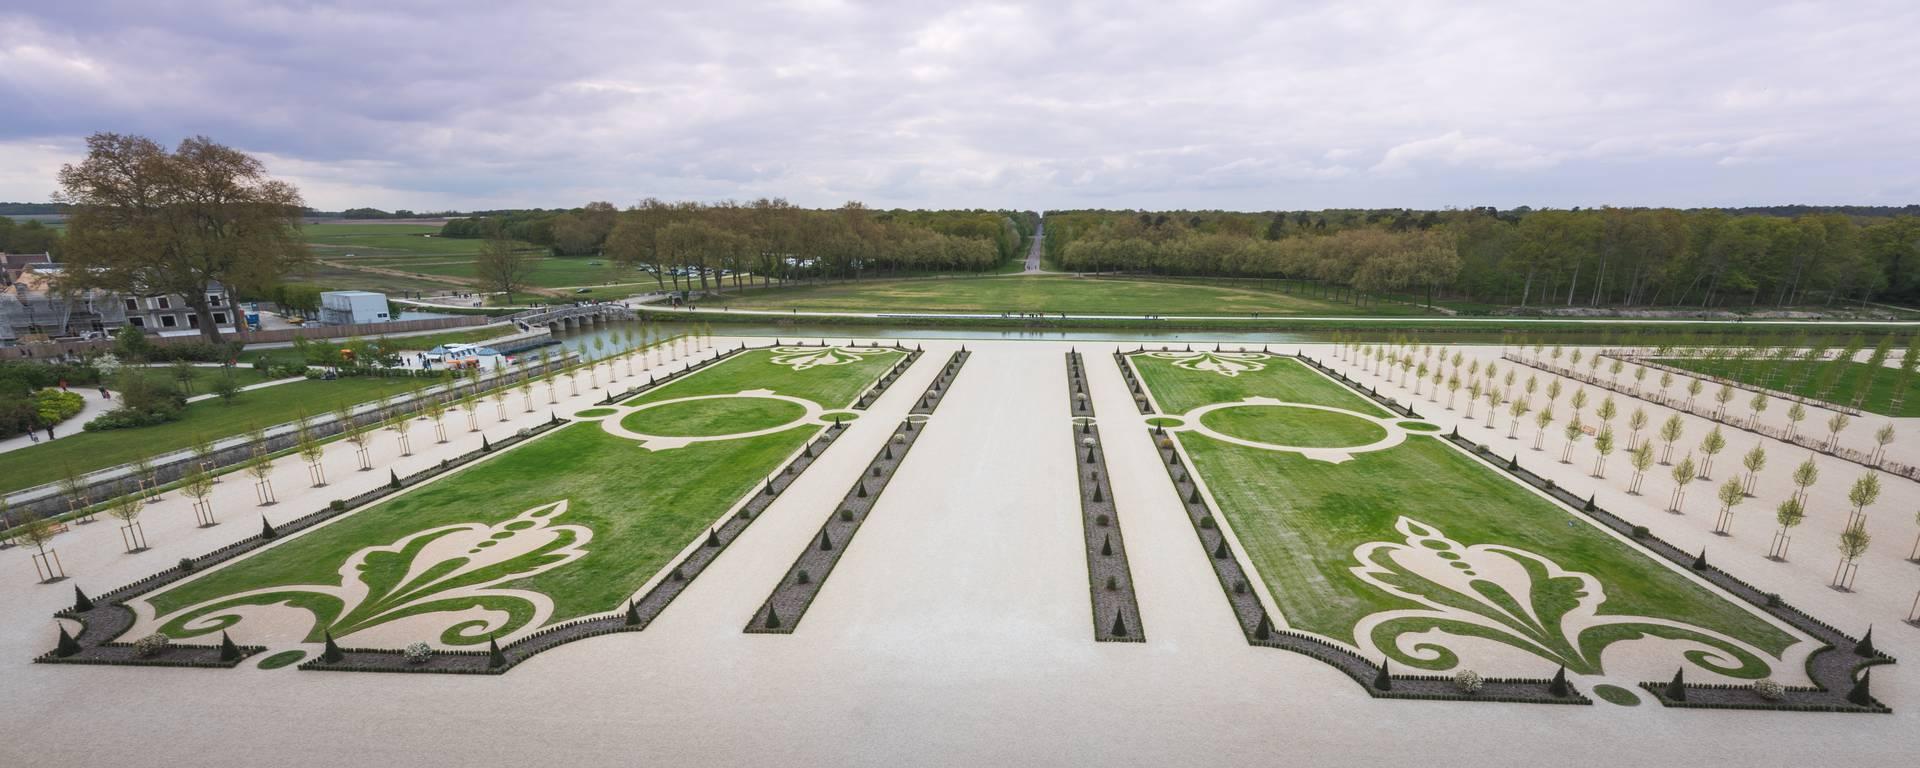 Die französischen Gärten von Chambord